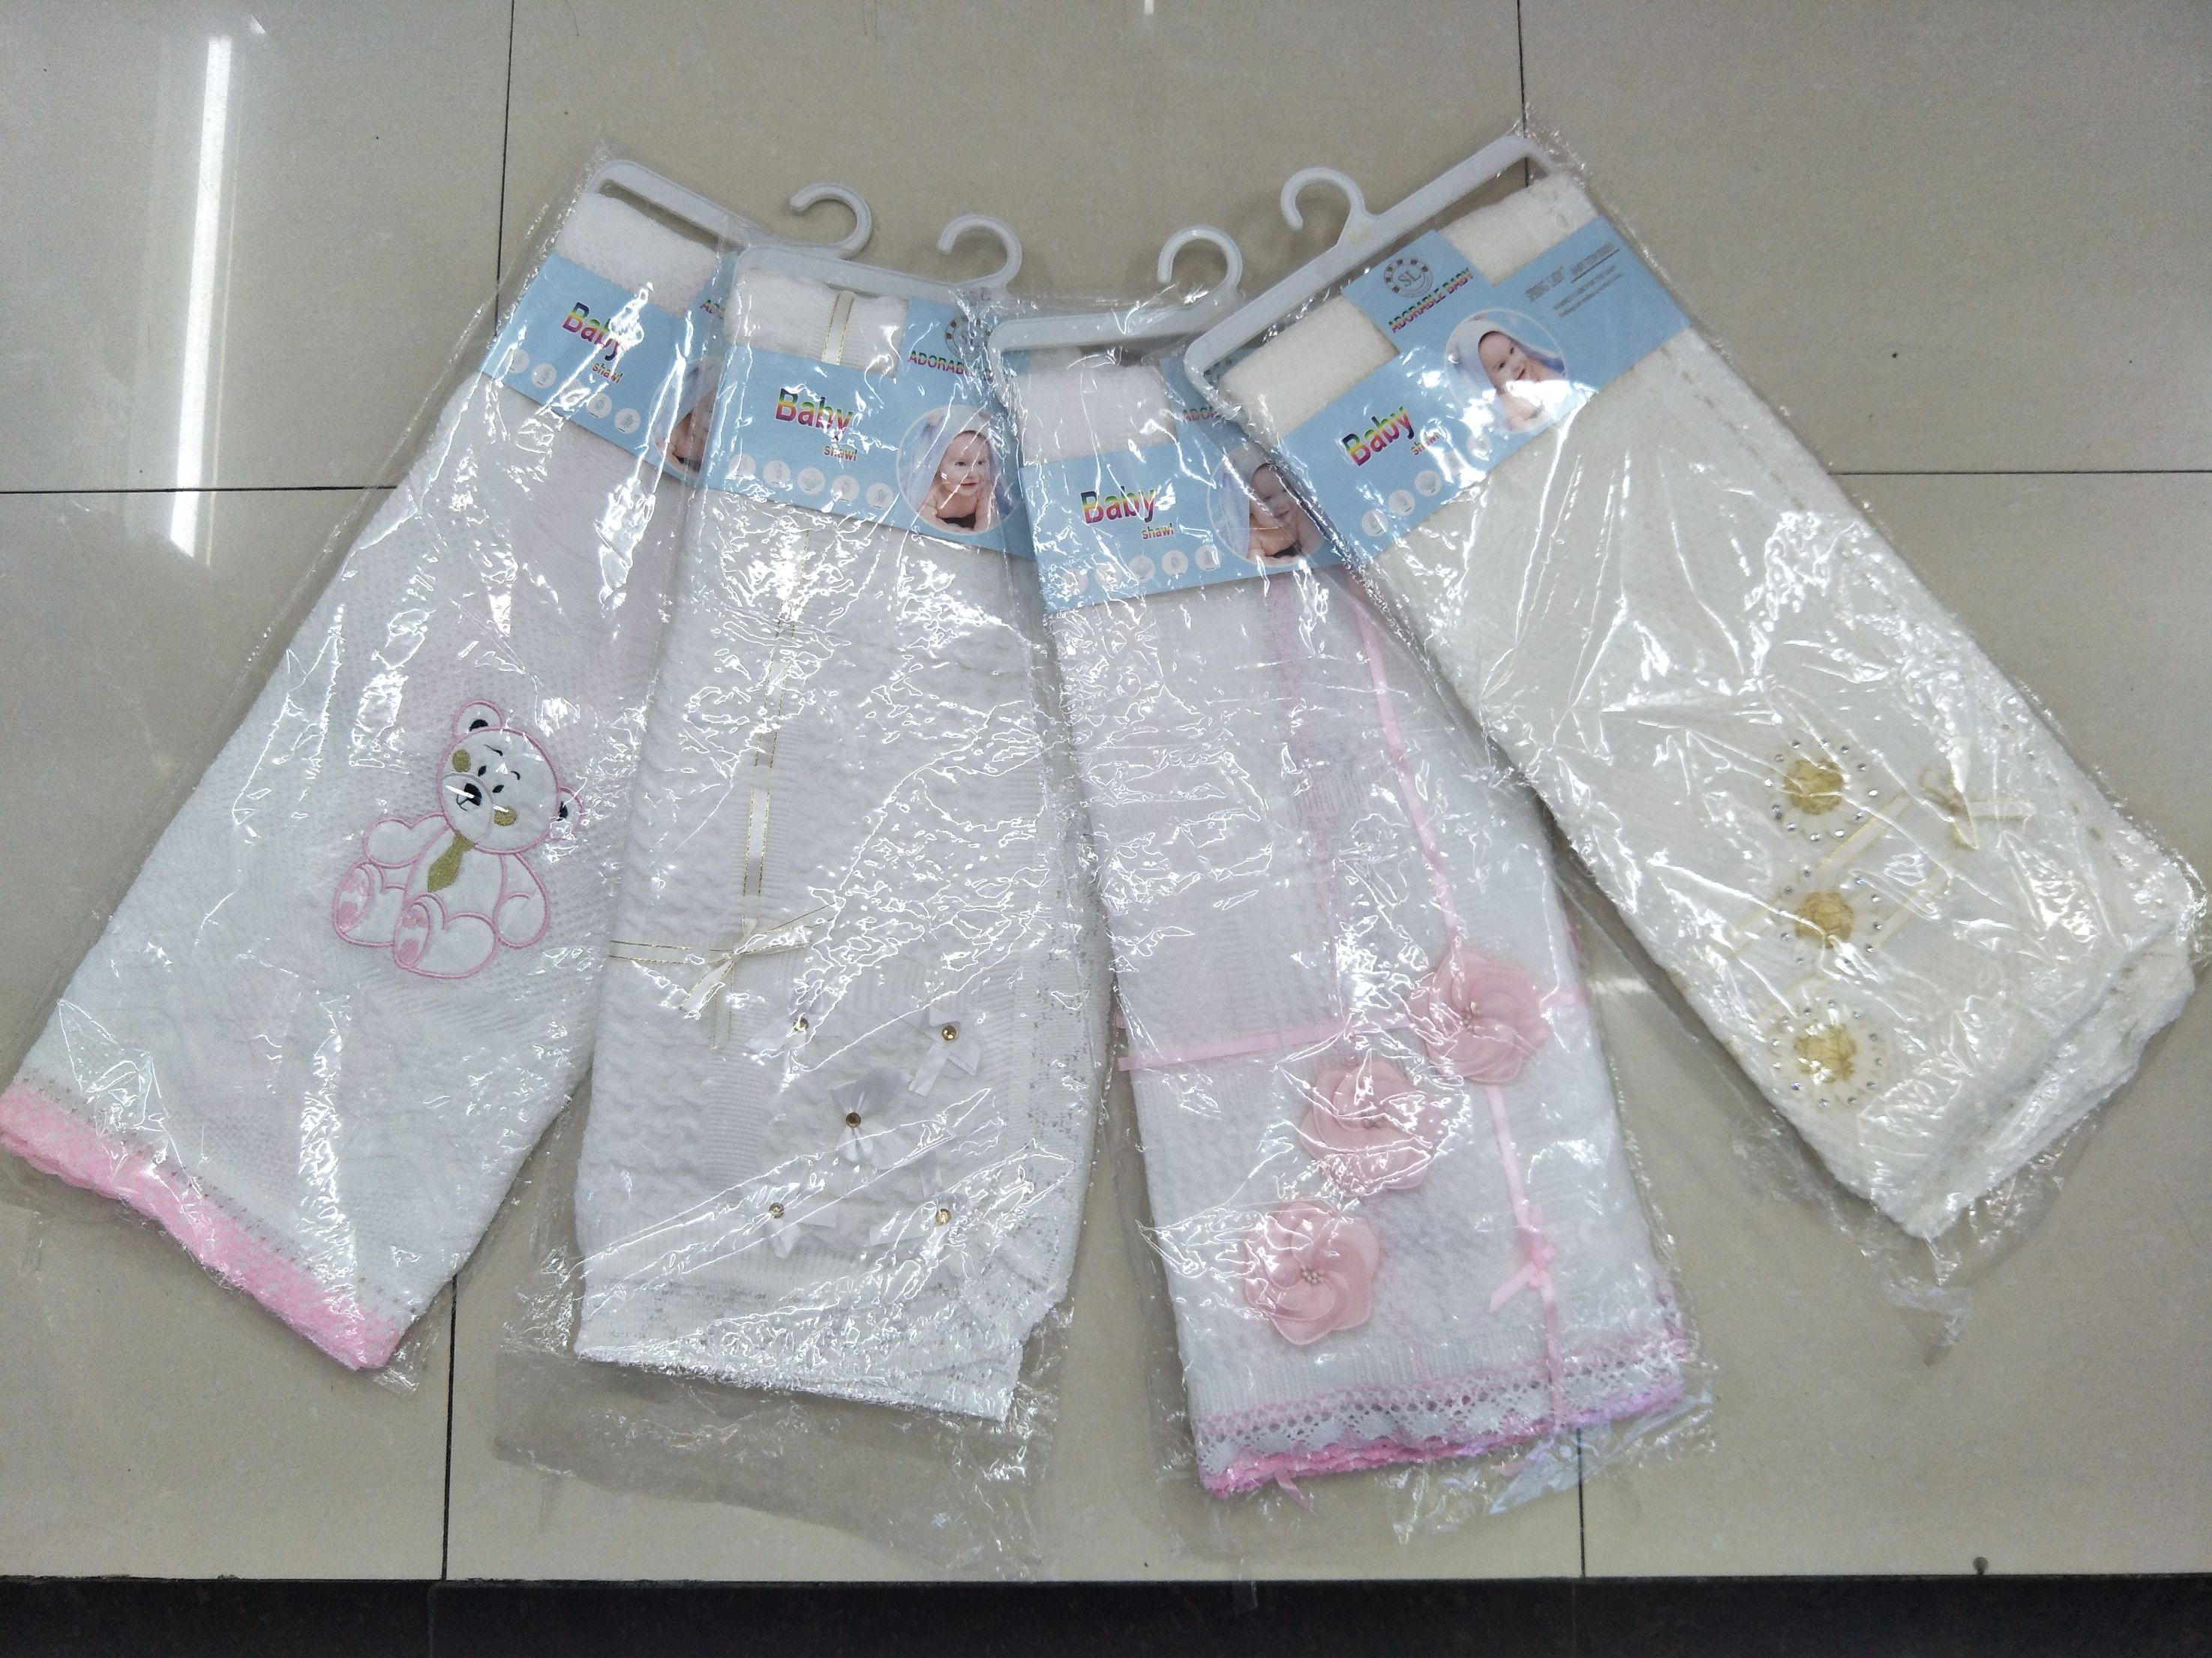 SPRING LADY 非洲热卖款婴儿线毯抱毯